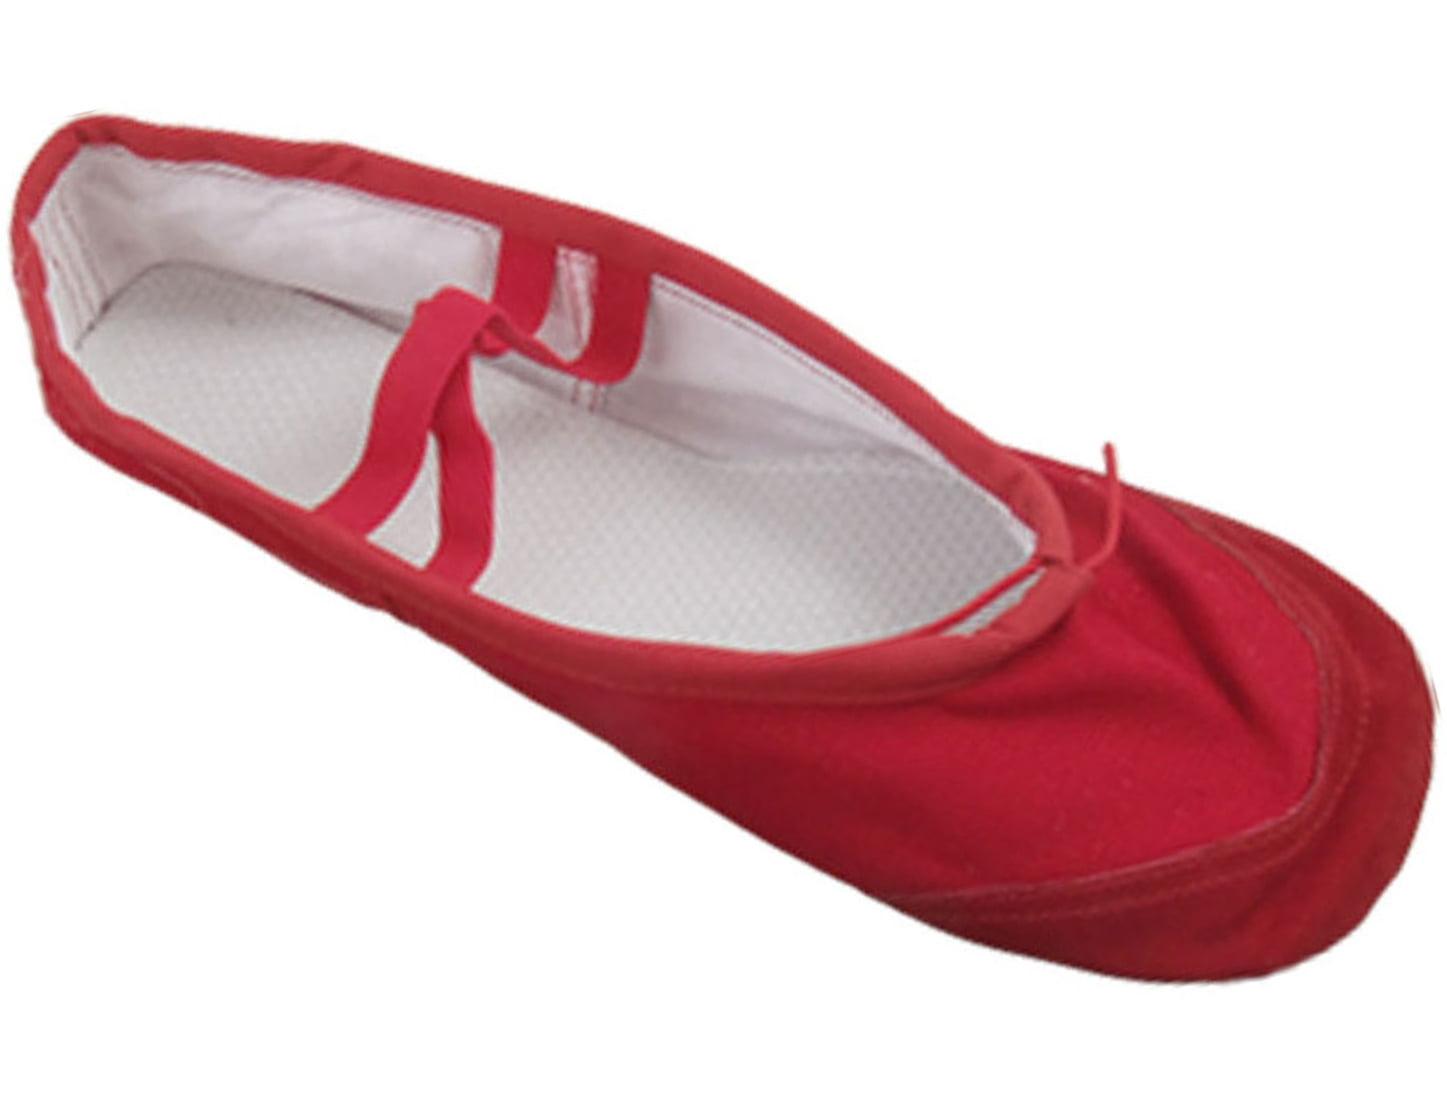 5cf5788b9a Unique Bargains US Size 8.5 Ladies Red Canvas Flat Ballet Dancing ...